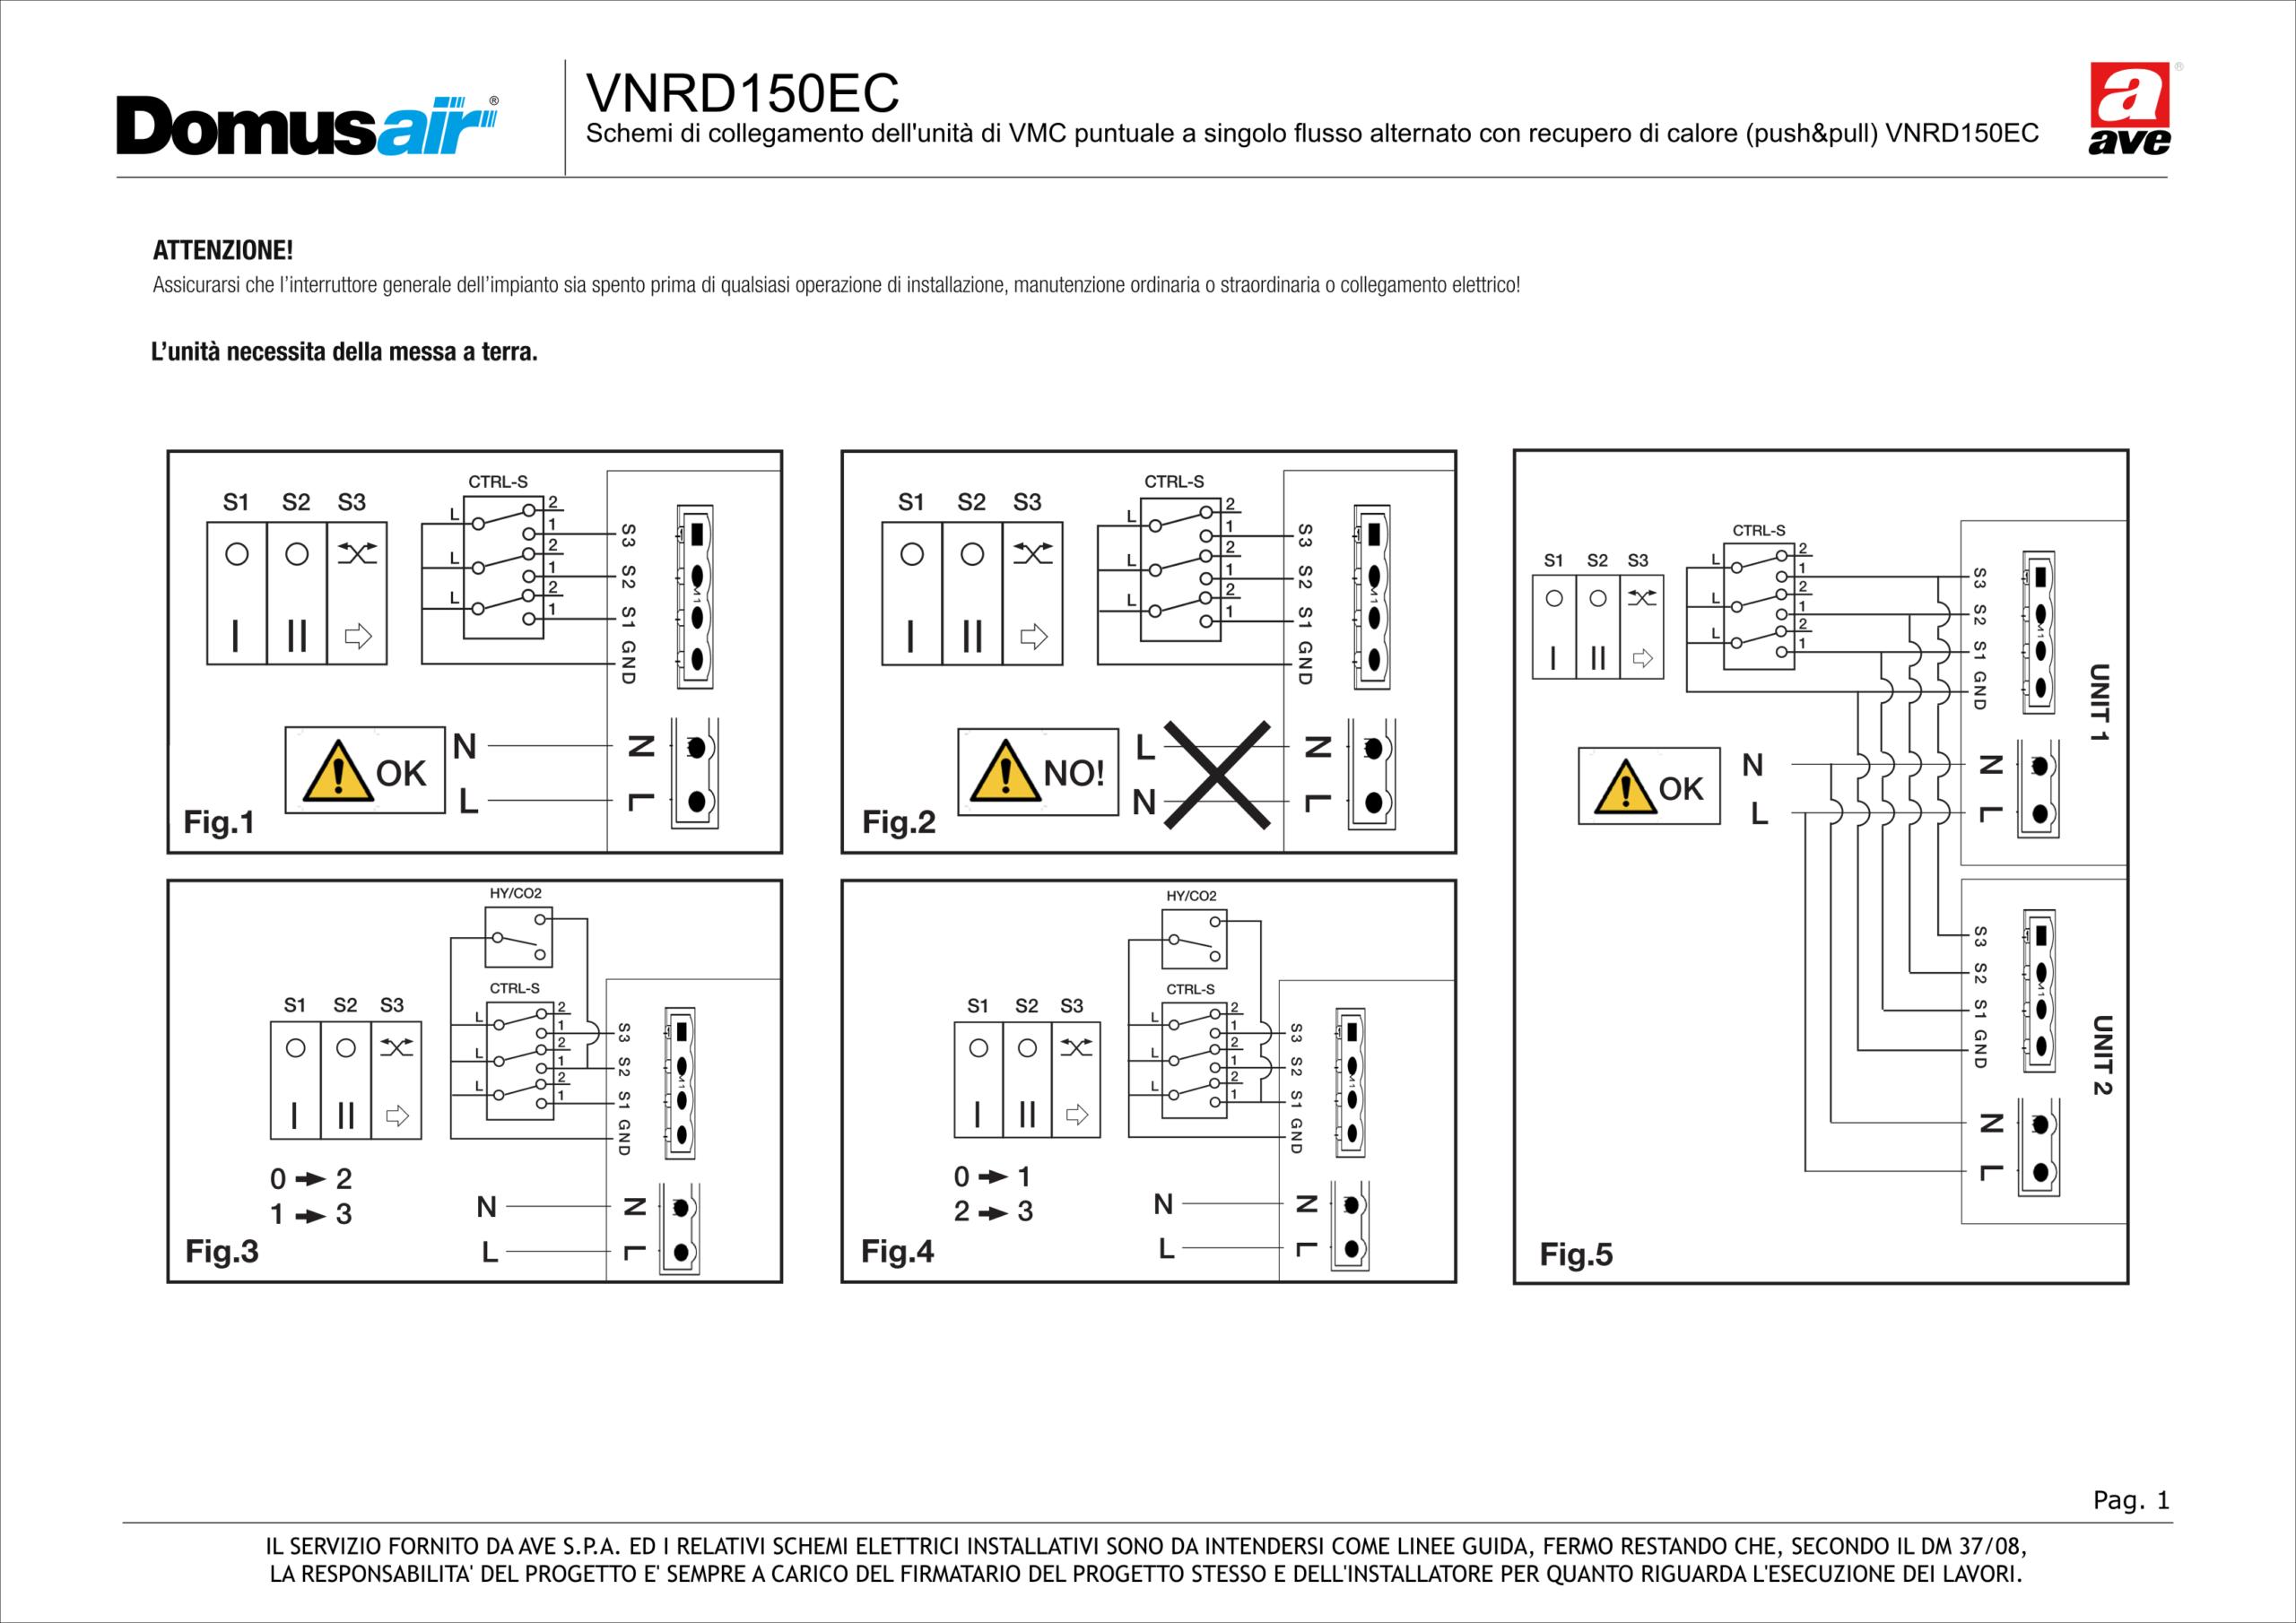 Unità di VMC puntuale a singolo flusso alternato con recupero di calore VNRD150EC